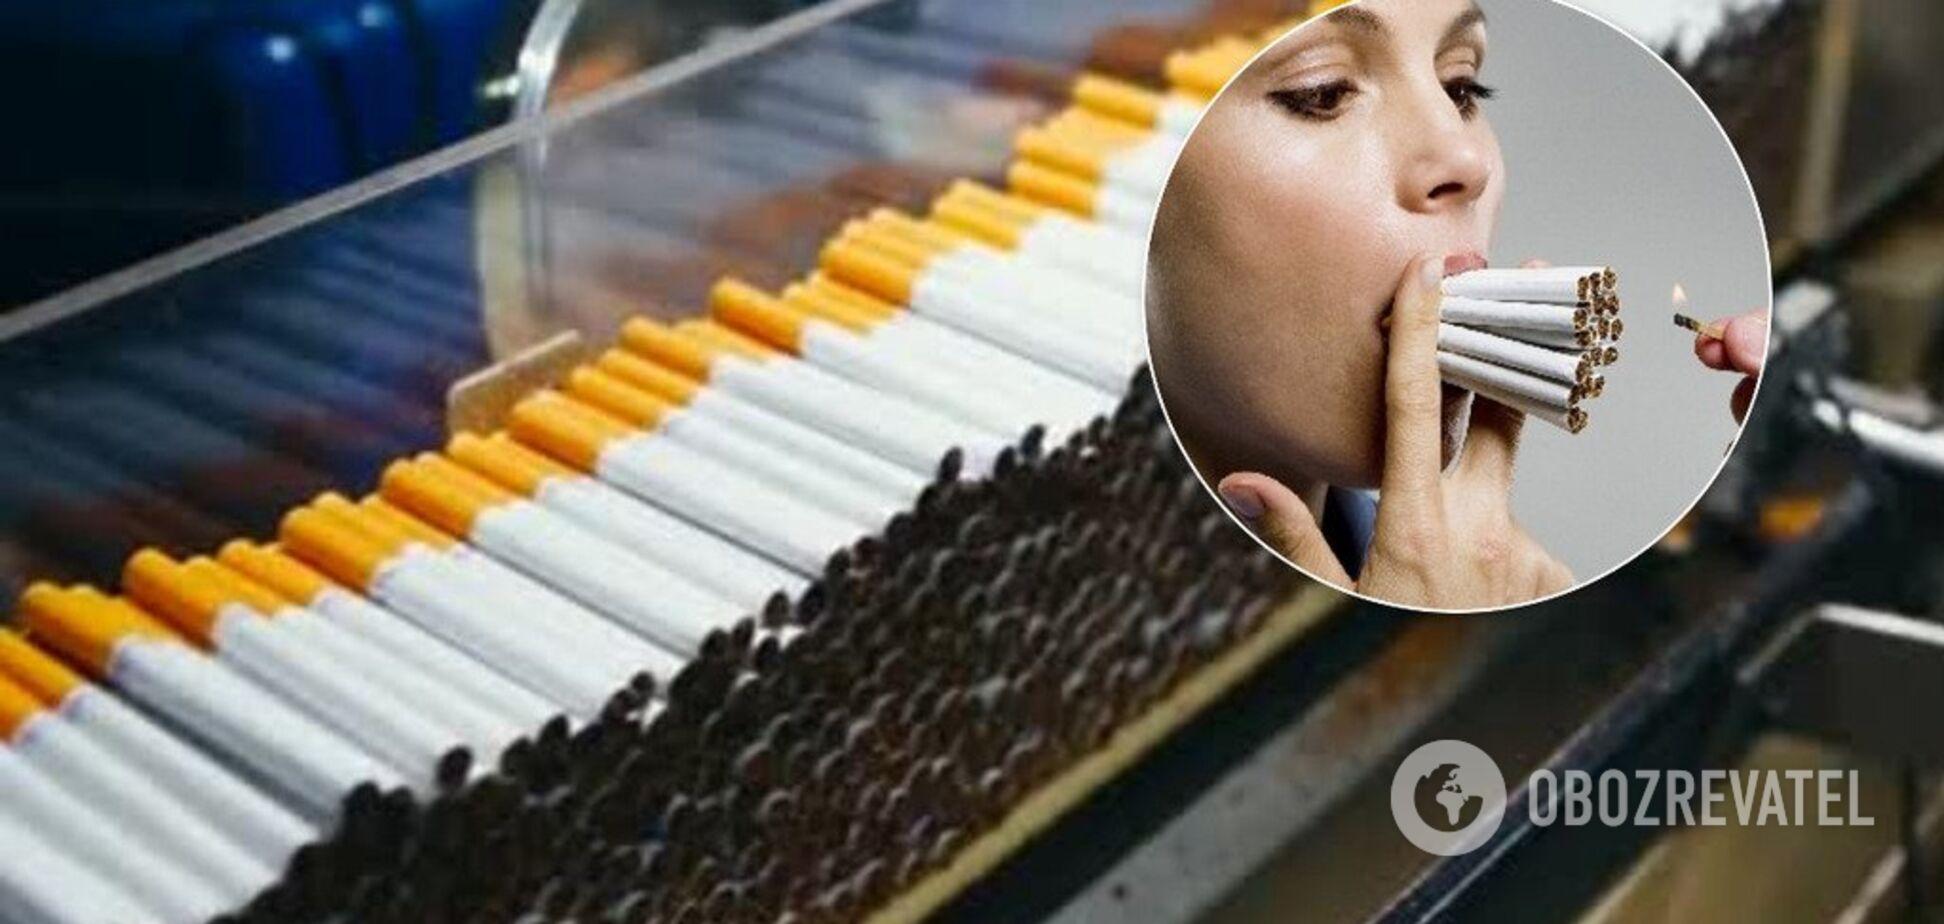 Сигарети через кілька днів різко подорожчають: скільки заплатять українці